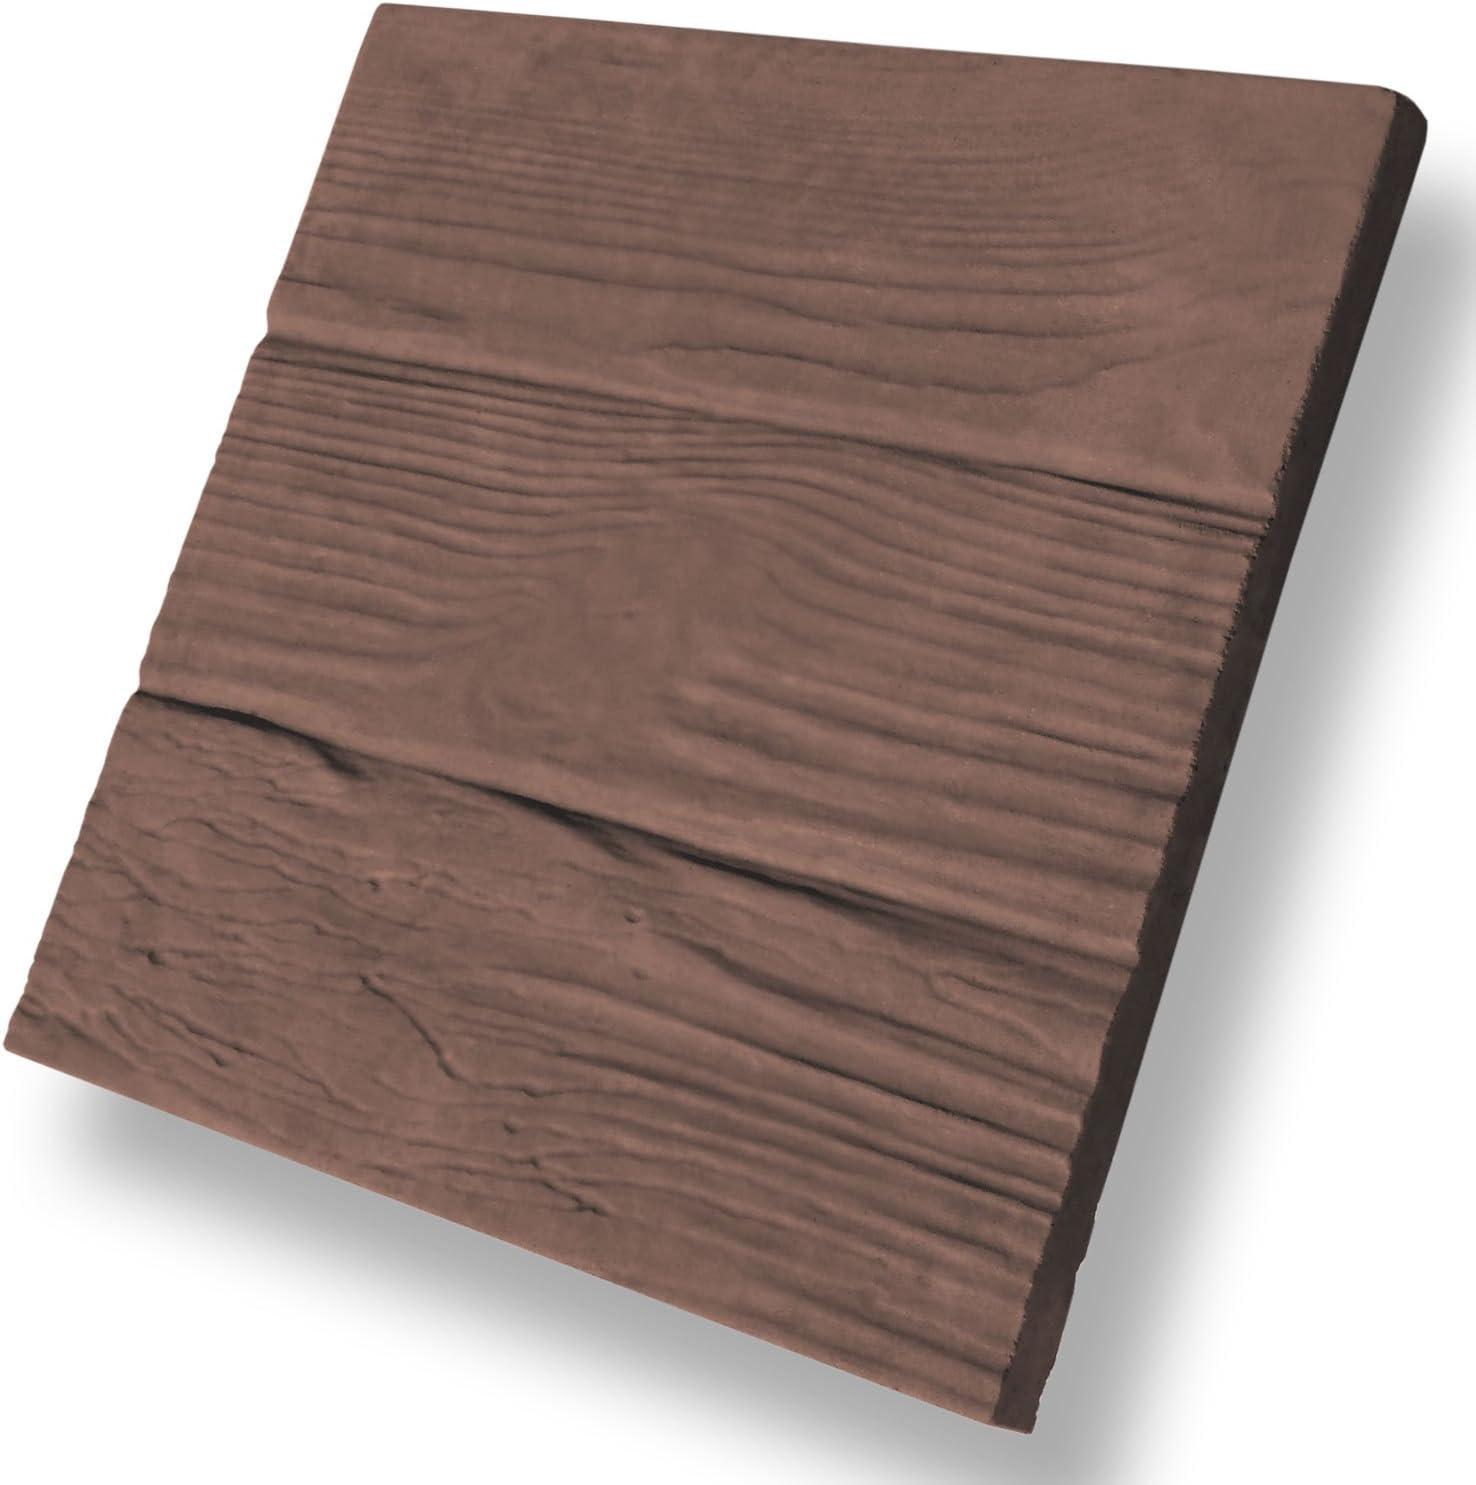 Gehwegplatten &  steine Betonform Gießform Schalungsform für Beton ...